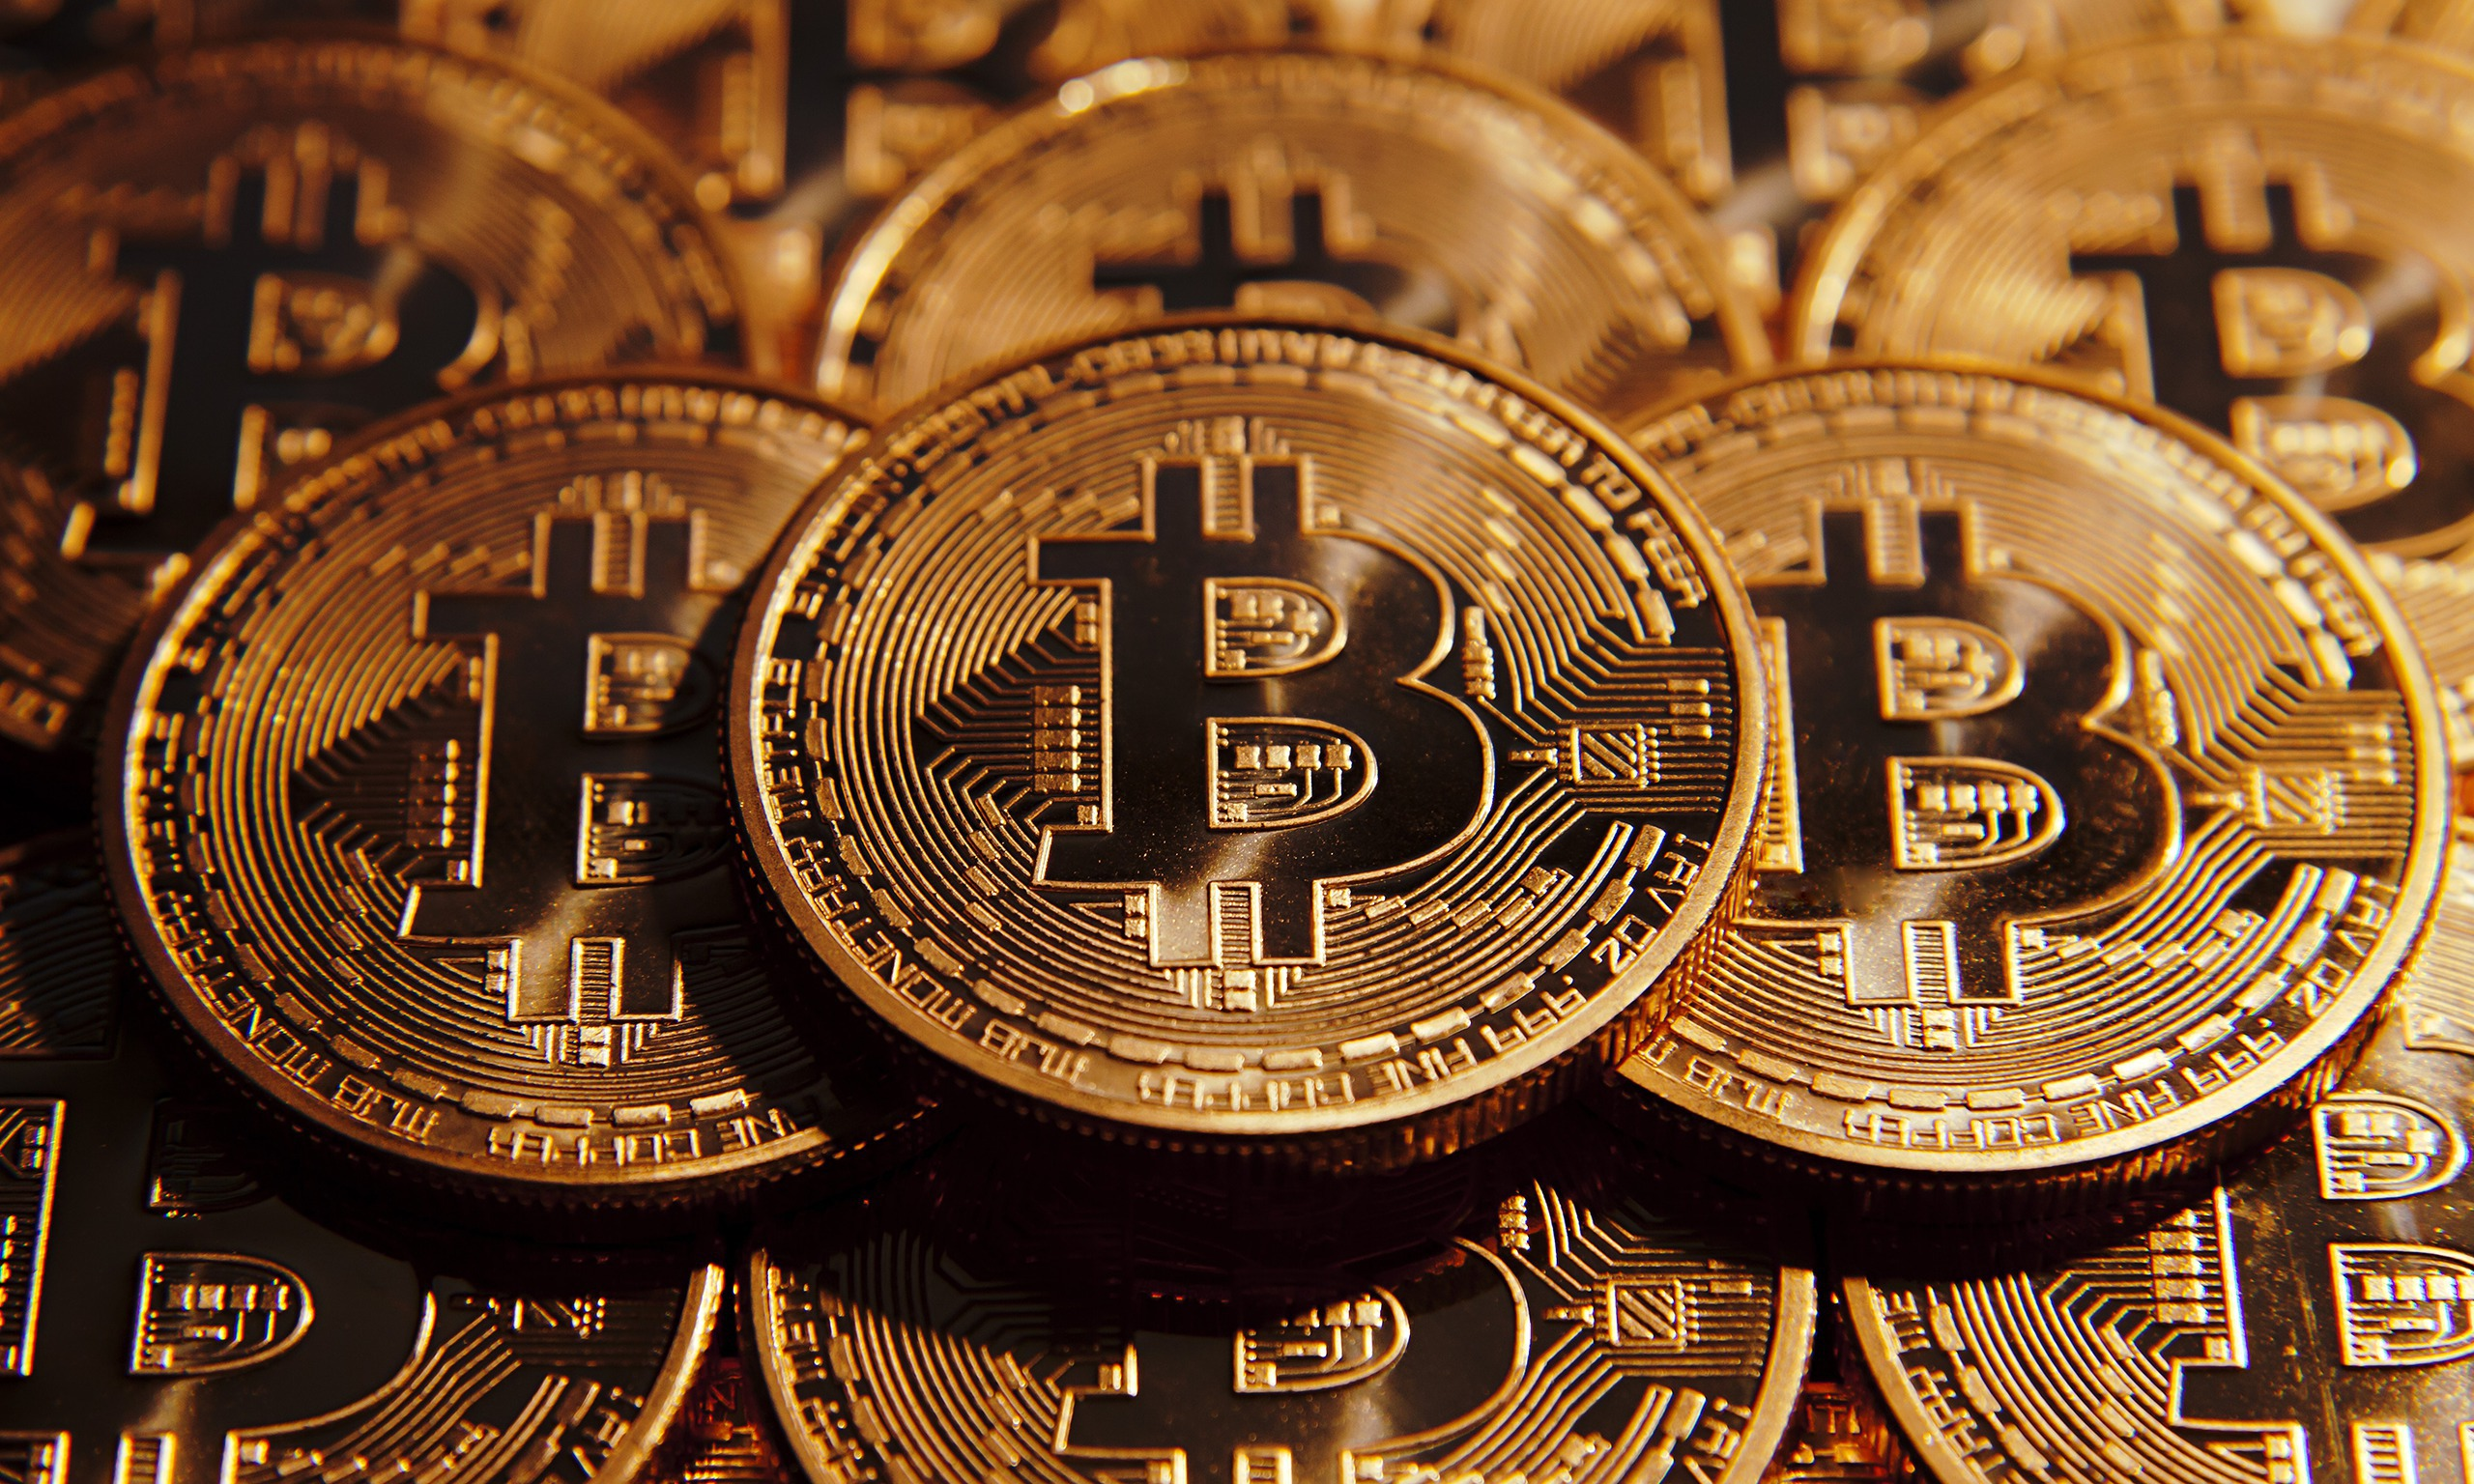 cei mai buni mineri bitcoin 2020